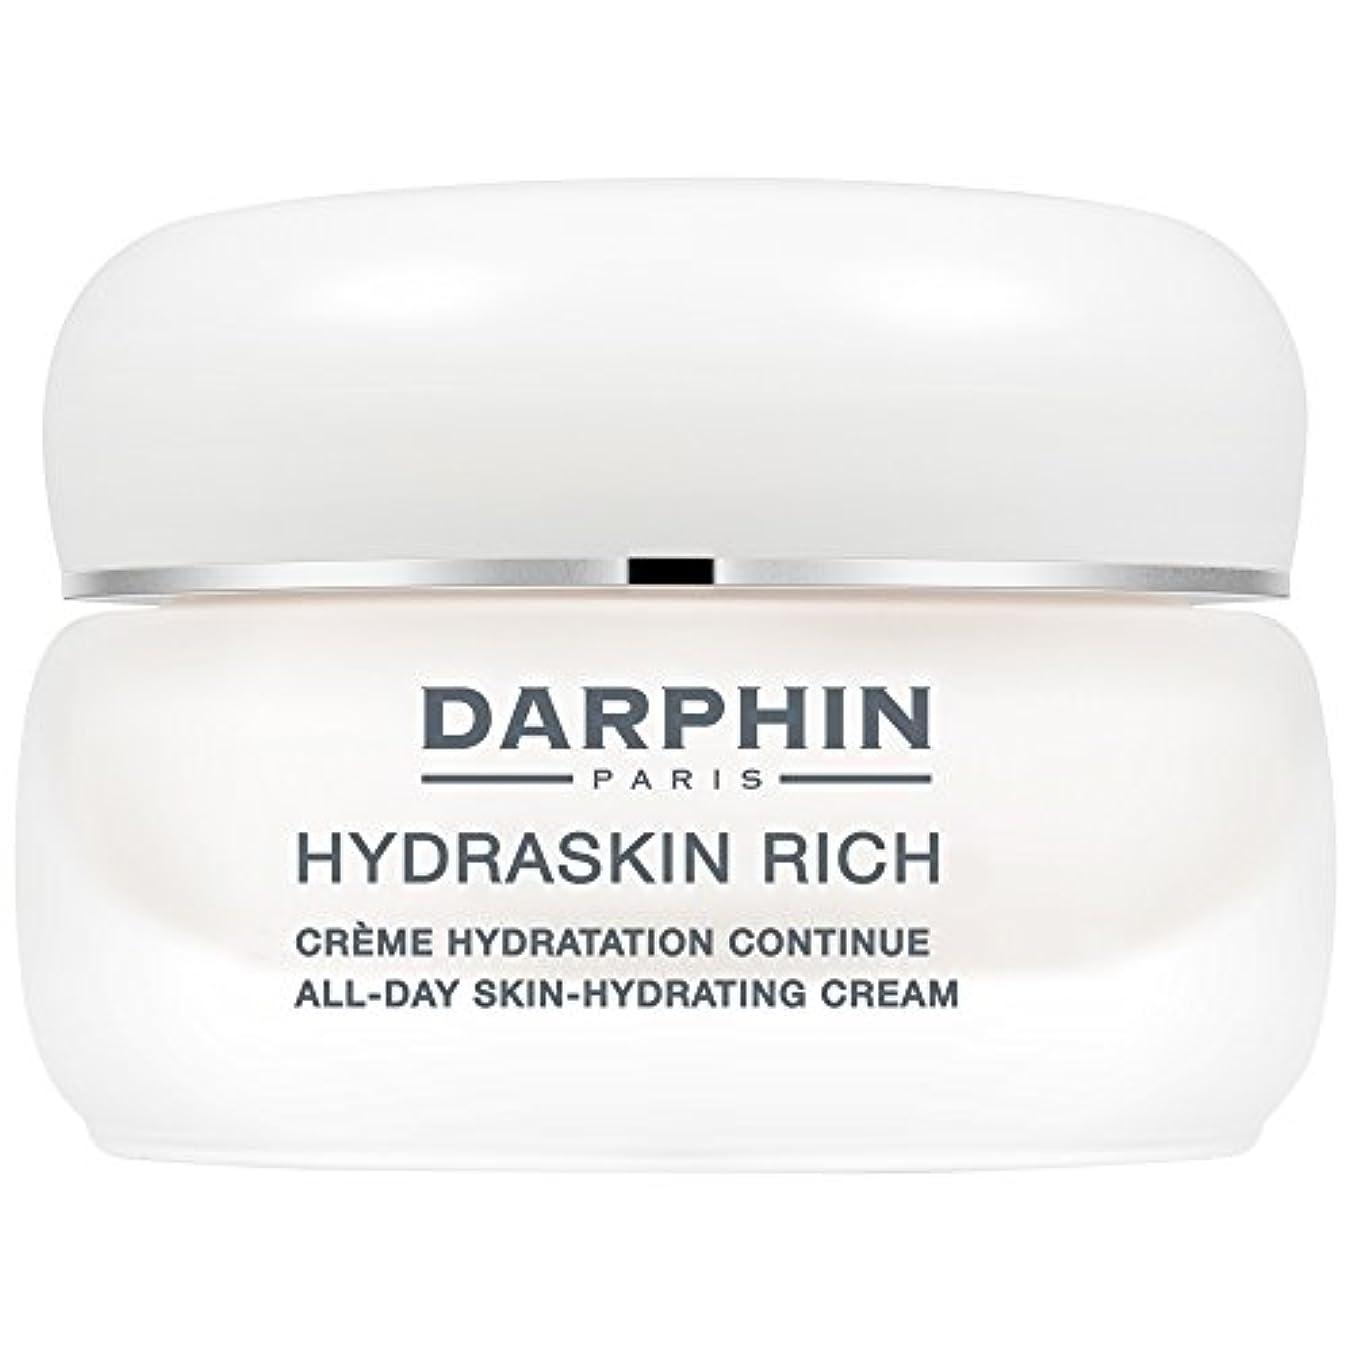 選出する恐怖症テラスダルファンリッチHydraskin、50ミリリットル (Darphin) (x2) - Darphin Hydraskin Rich, 50ml (Pack of 2) [並行輸入品]